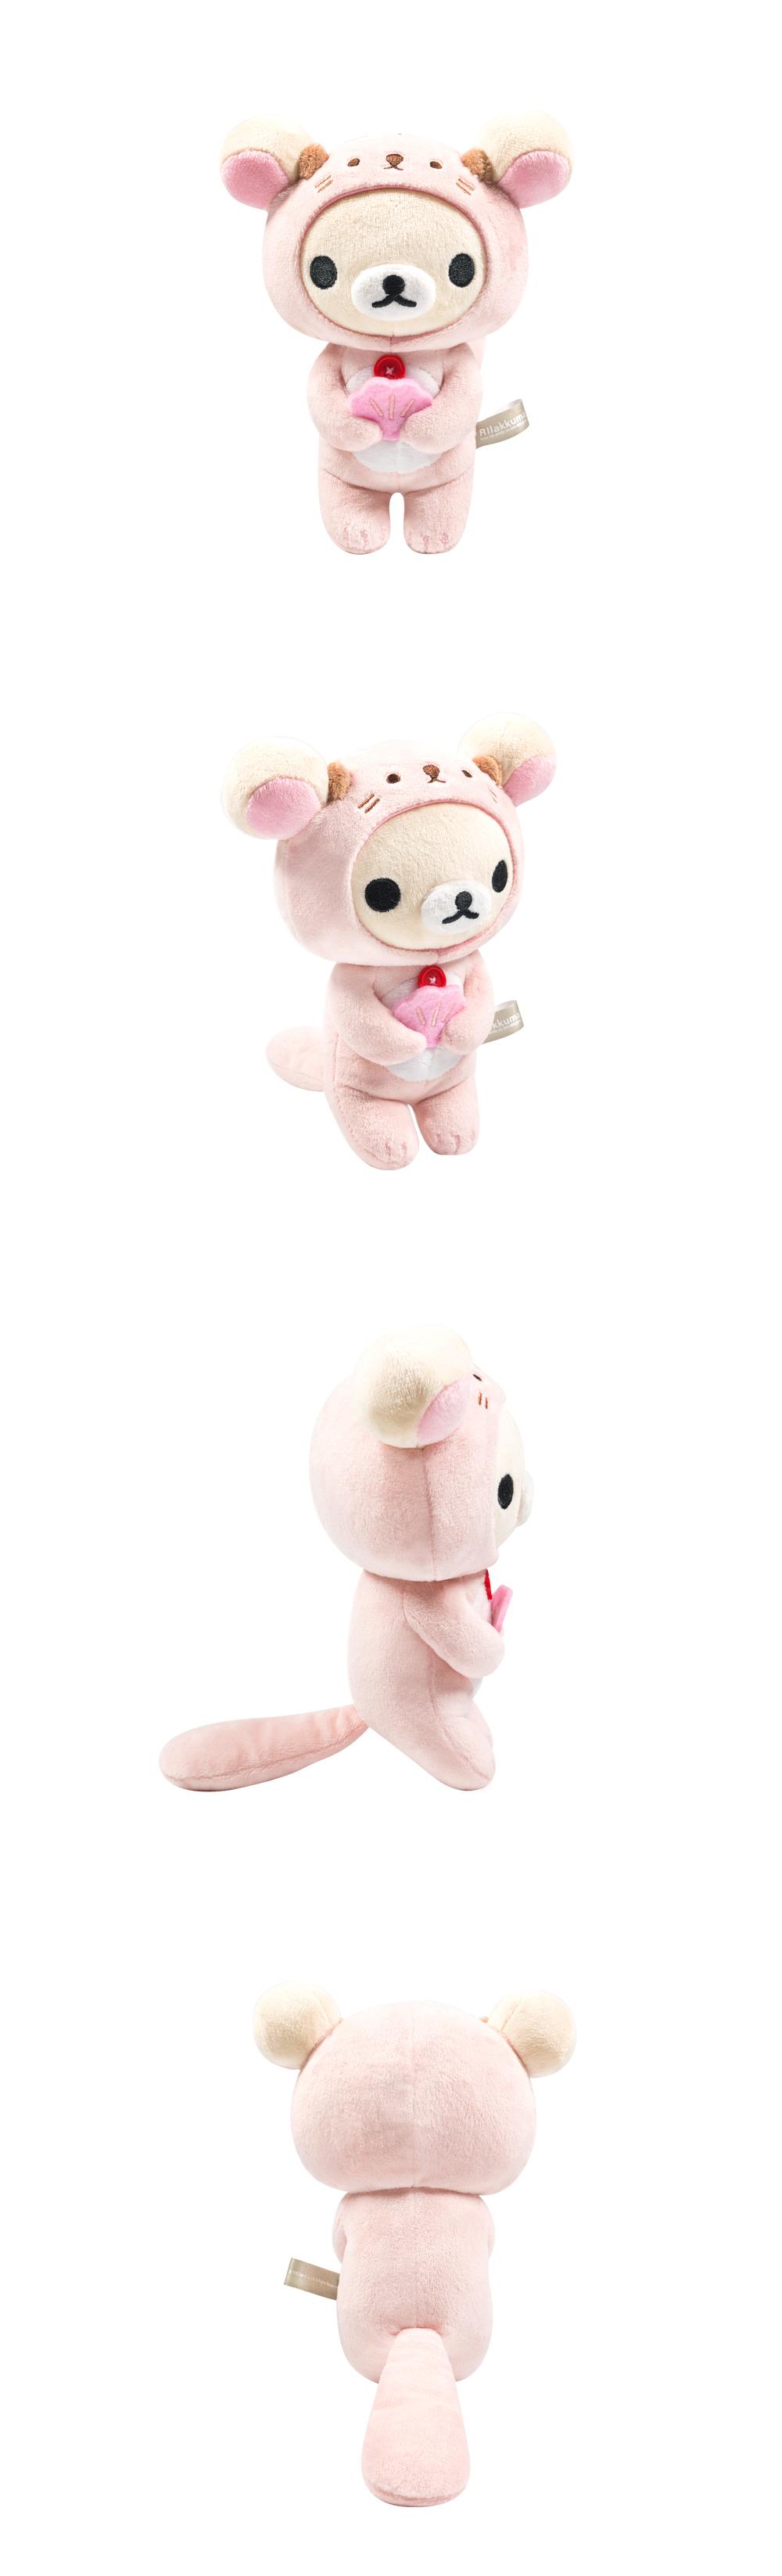 拉拉熊 妹妹海獺款15公分(白)【RK1601010201】